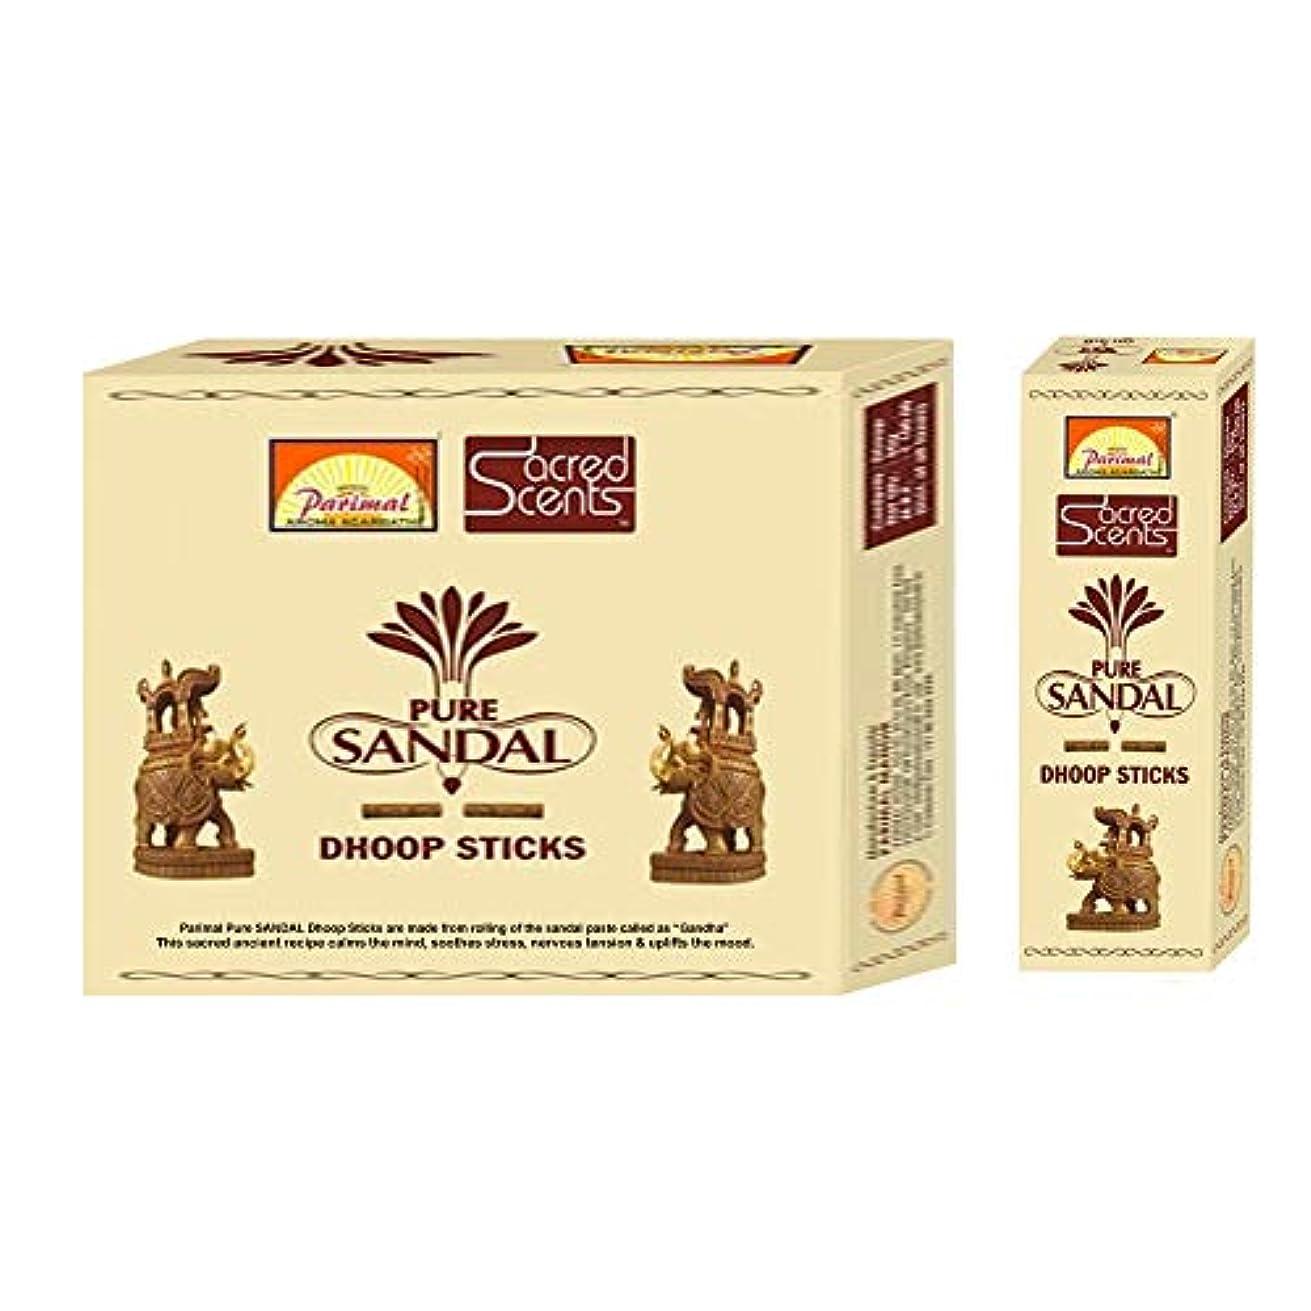 Parimal Sacred Scents 天然ピュアサンダル フープスティック | 1箱50グラム6パック | 輸出品質